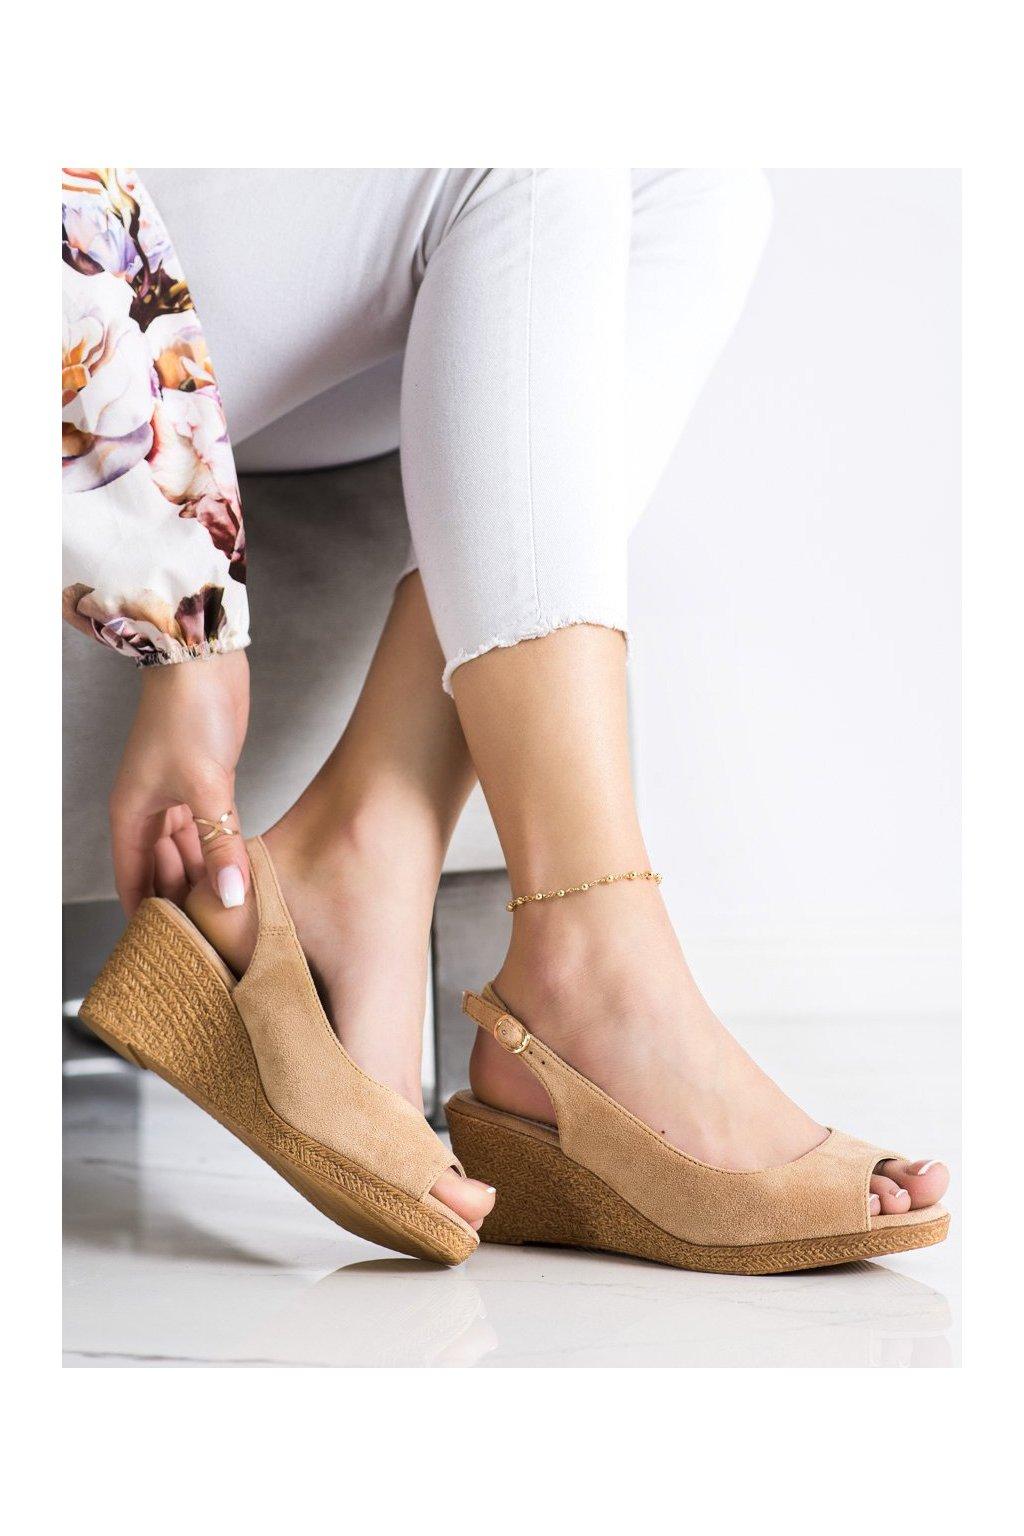 Hnedé sandále na platforme Goodin kod GD-FL653D.BE